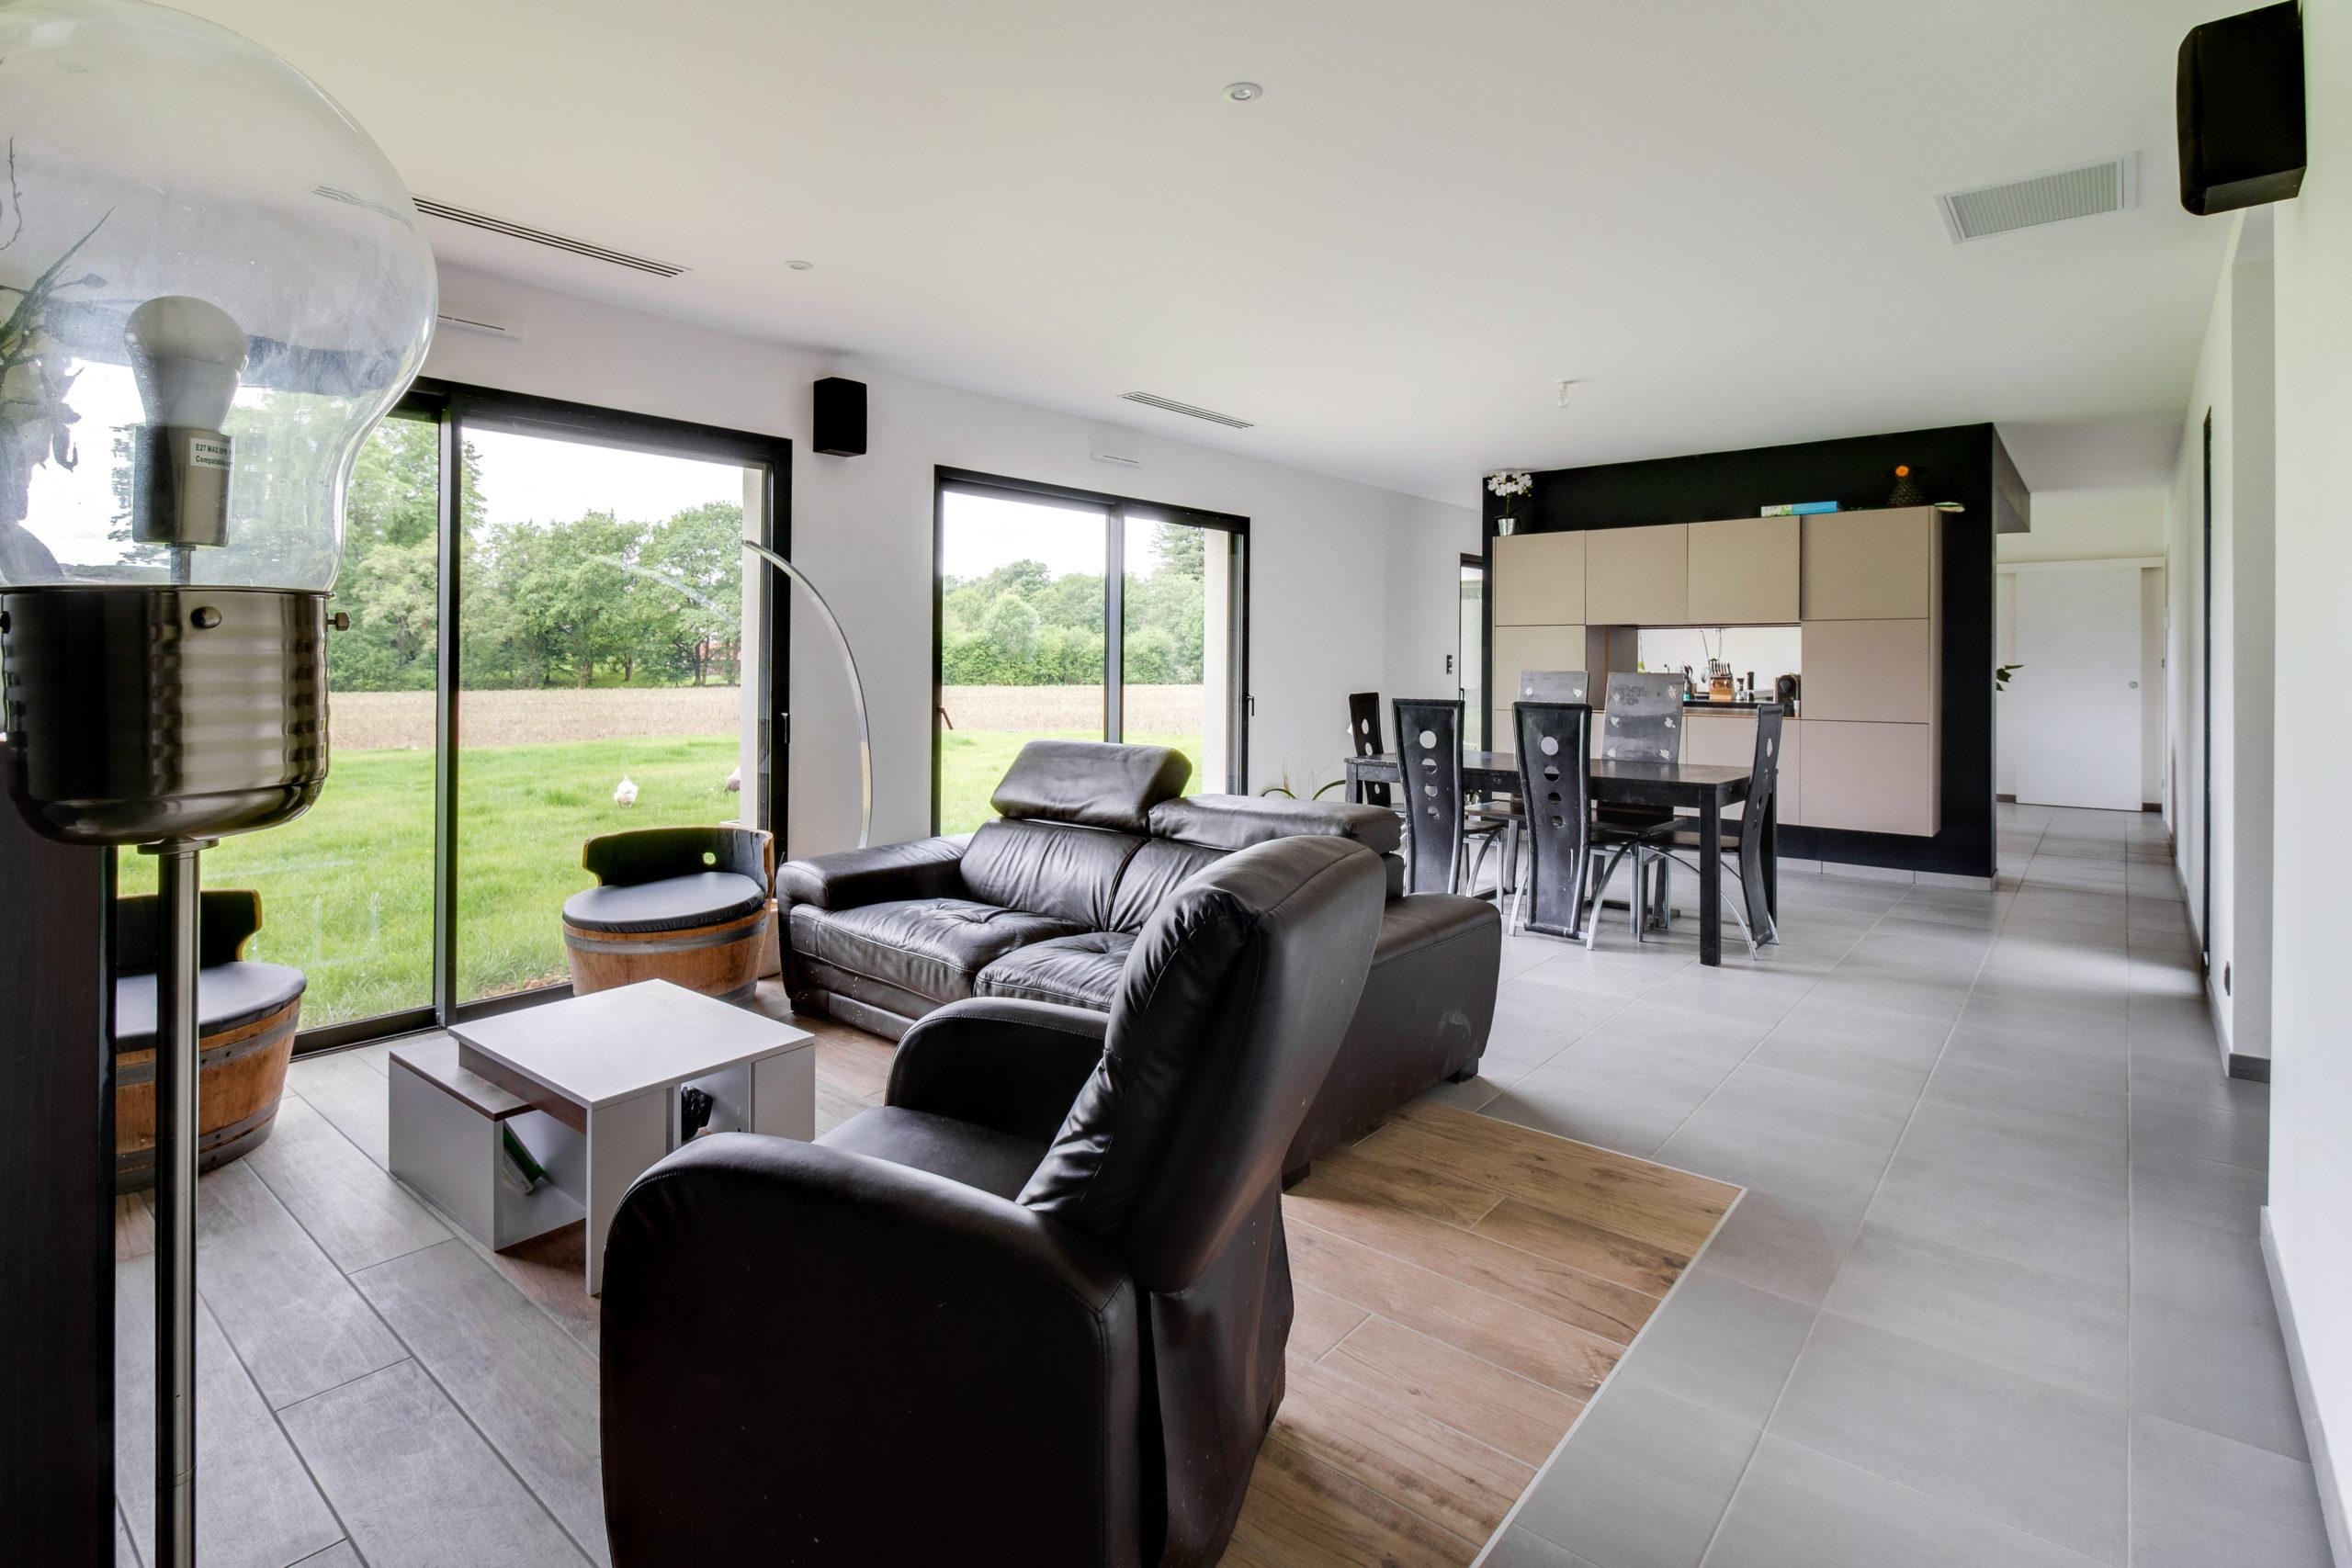 Atelier-Plurielles-architectures-construction-maison-Bearn-séjour